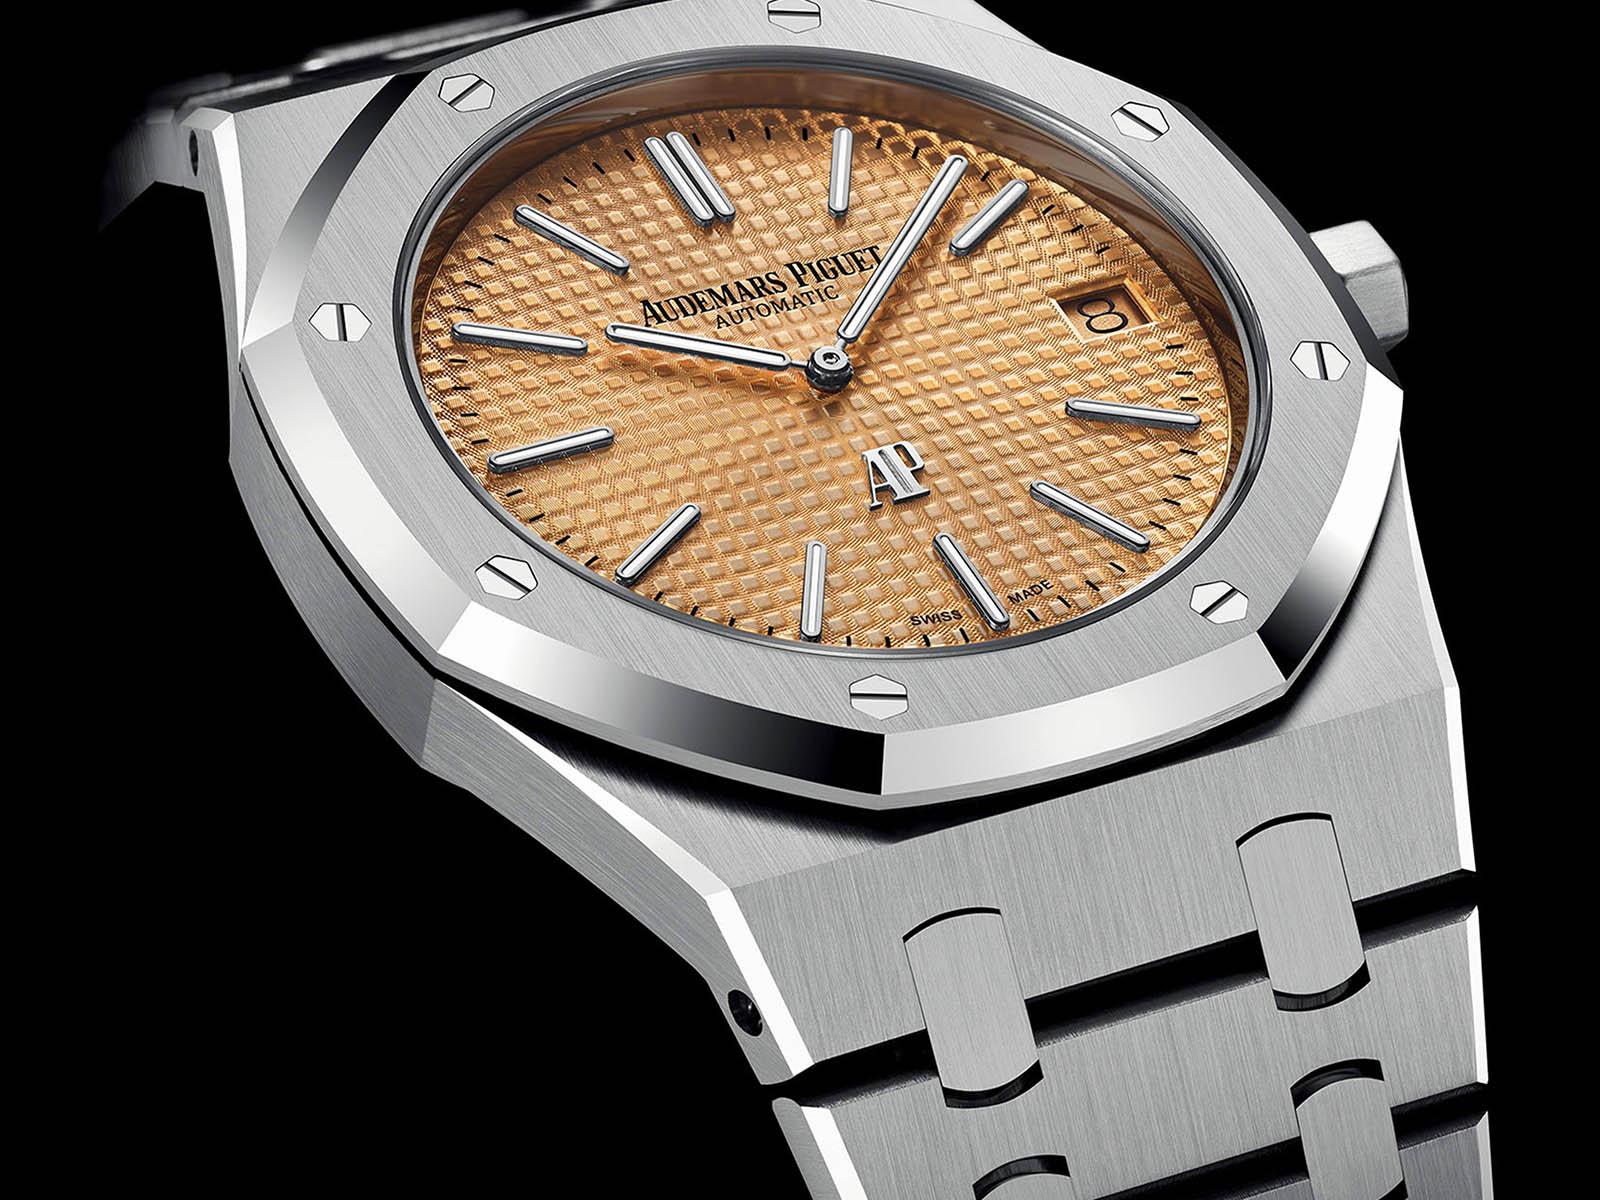 popular-watches-10.jpg